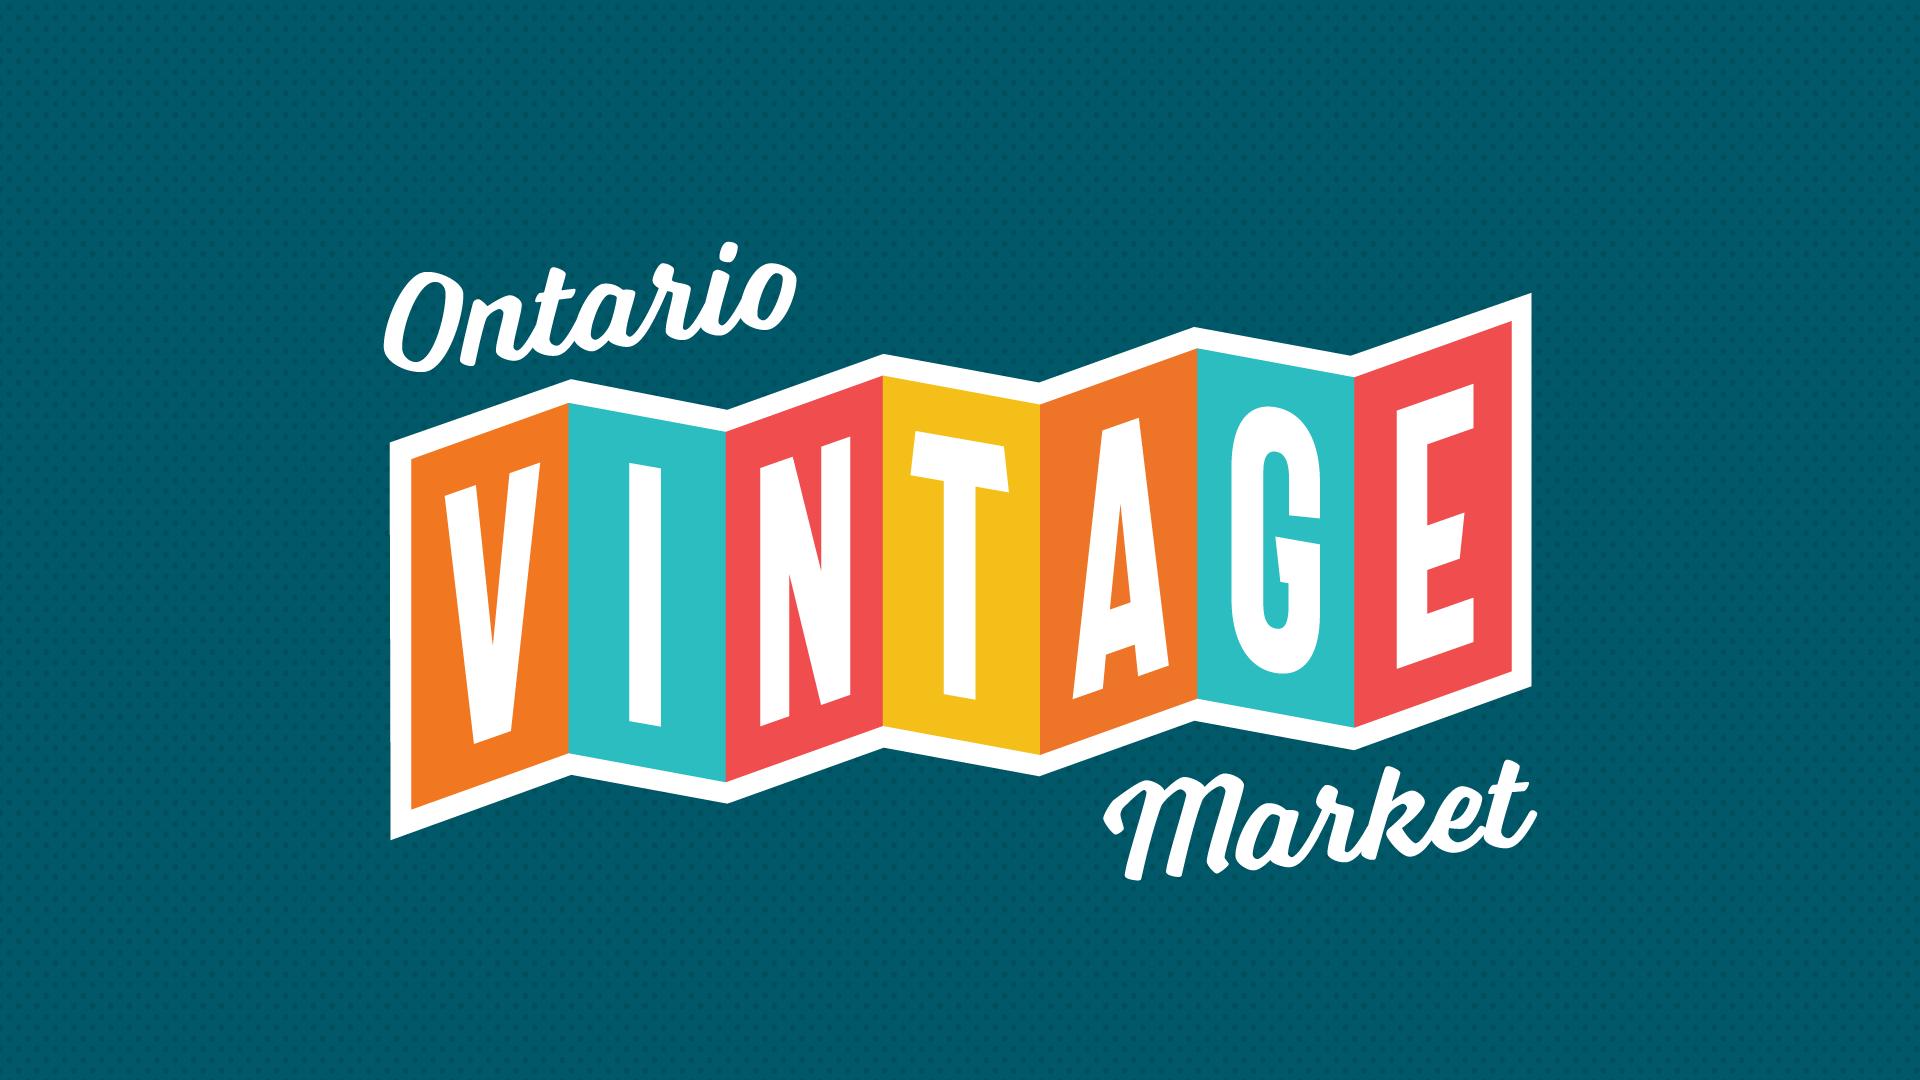 Ontario Vintage Market logo.